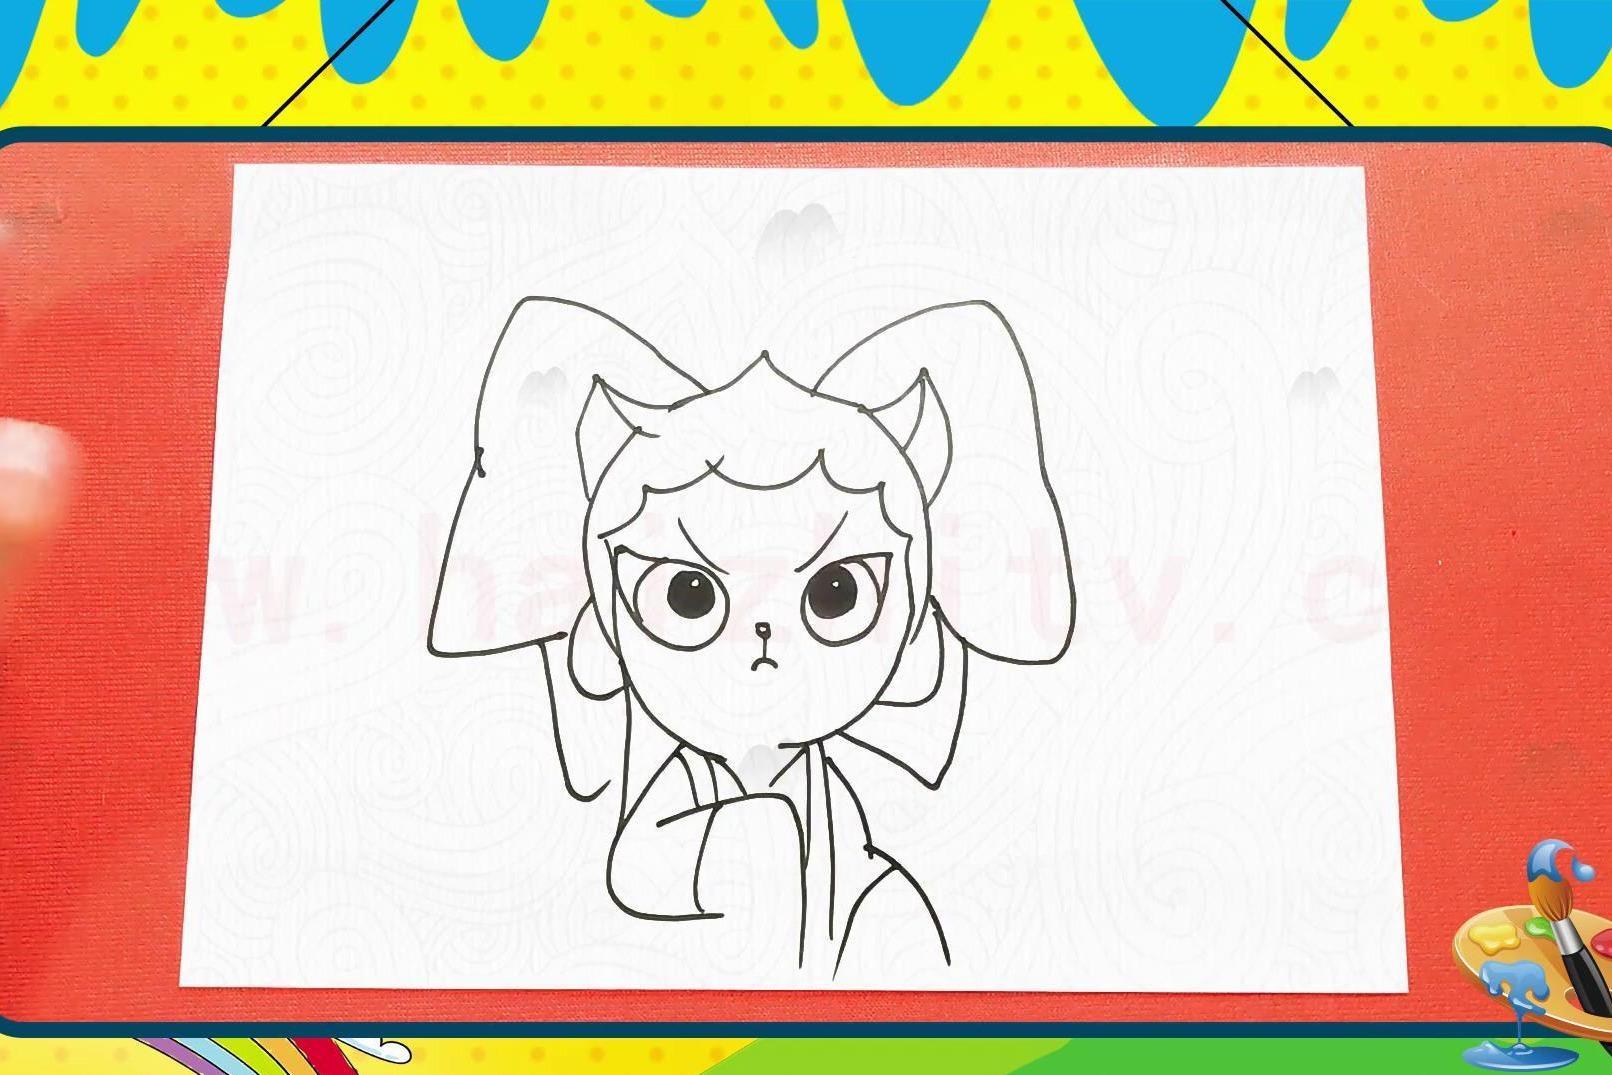 手绘卡通简笔画之画京剧猫中的乘风破浪